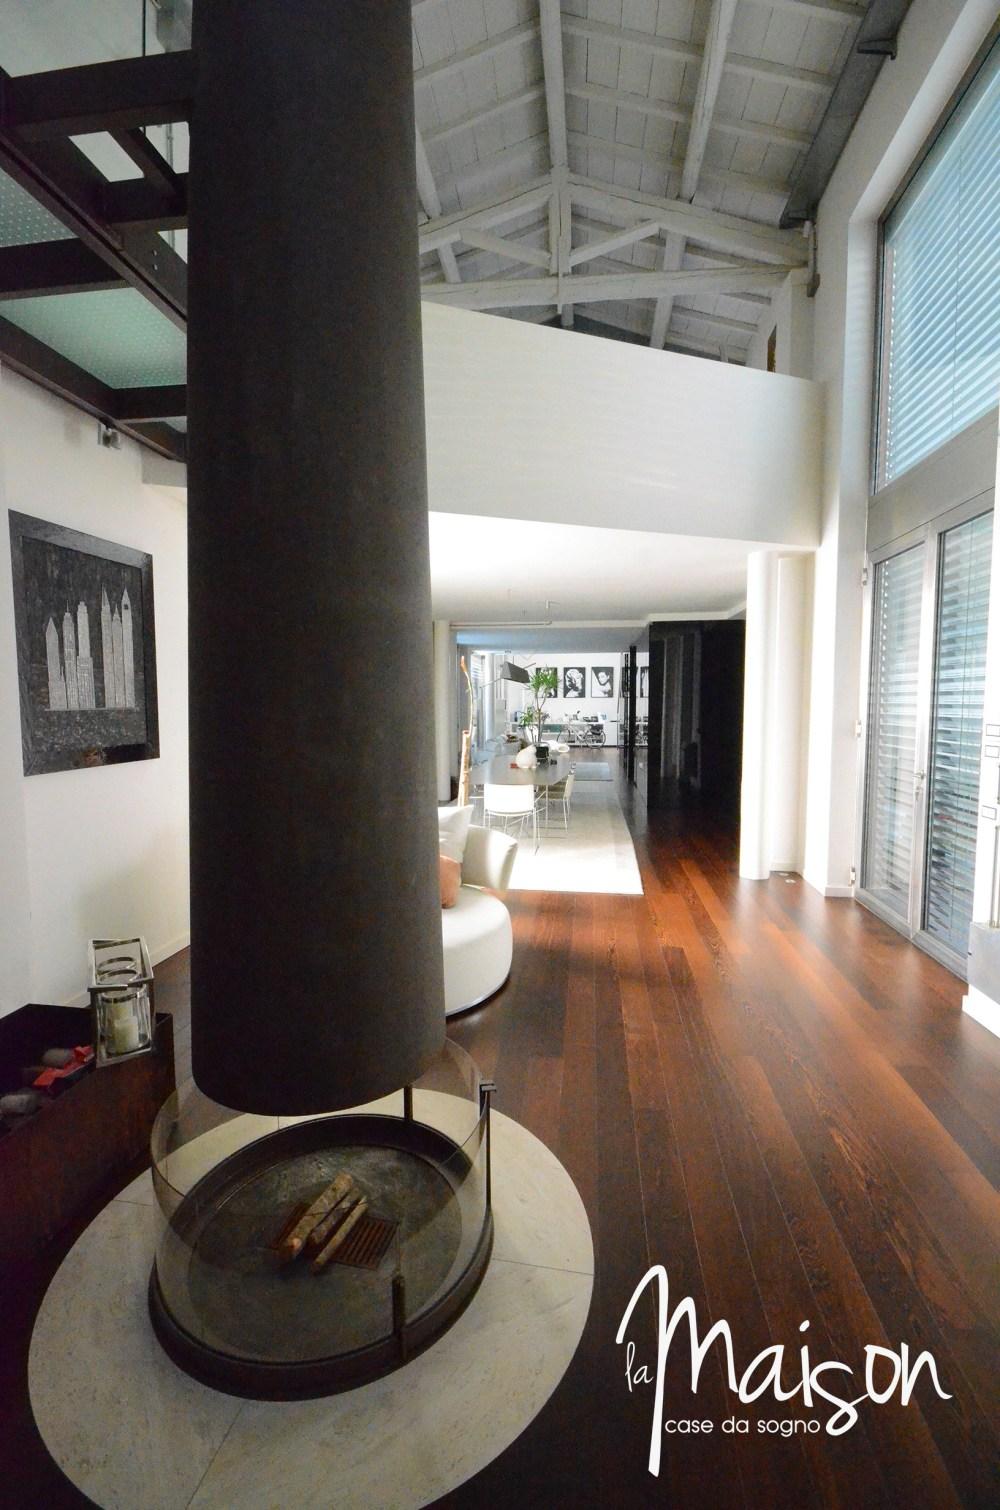 loft in vendita a prato case vendita prato studio immobiliare santa lucia agenzia immobiliare la maison case da sogno prato loft con giardino05.JPG